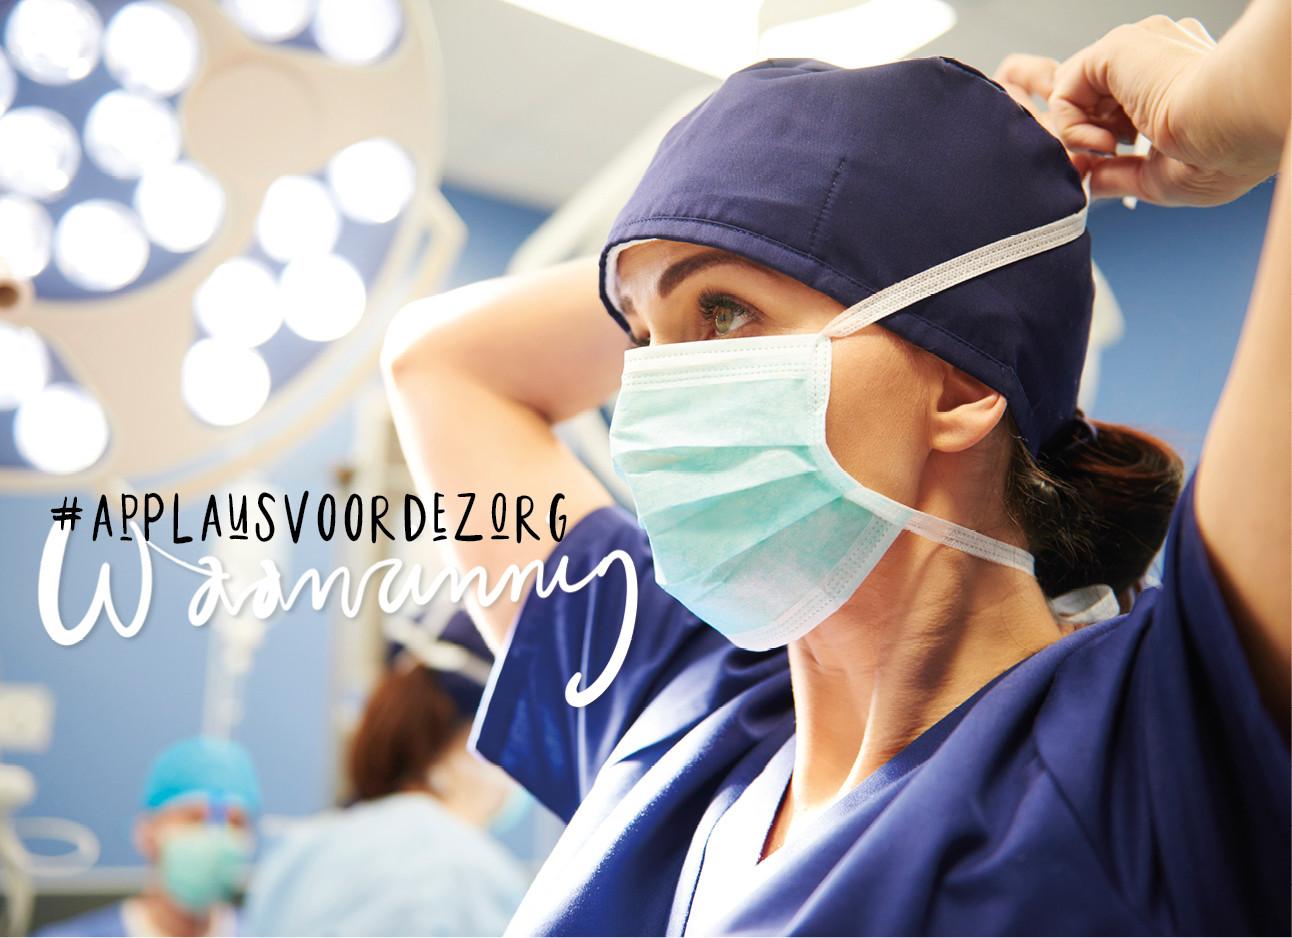 vrouw in het ziekenhuis met mondkapje op